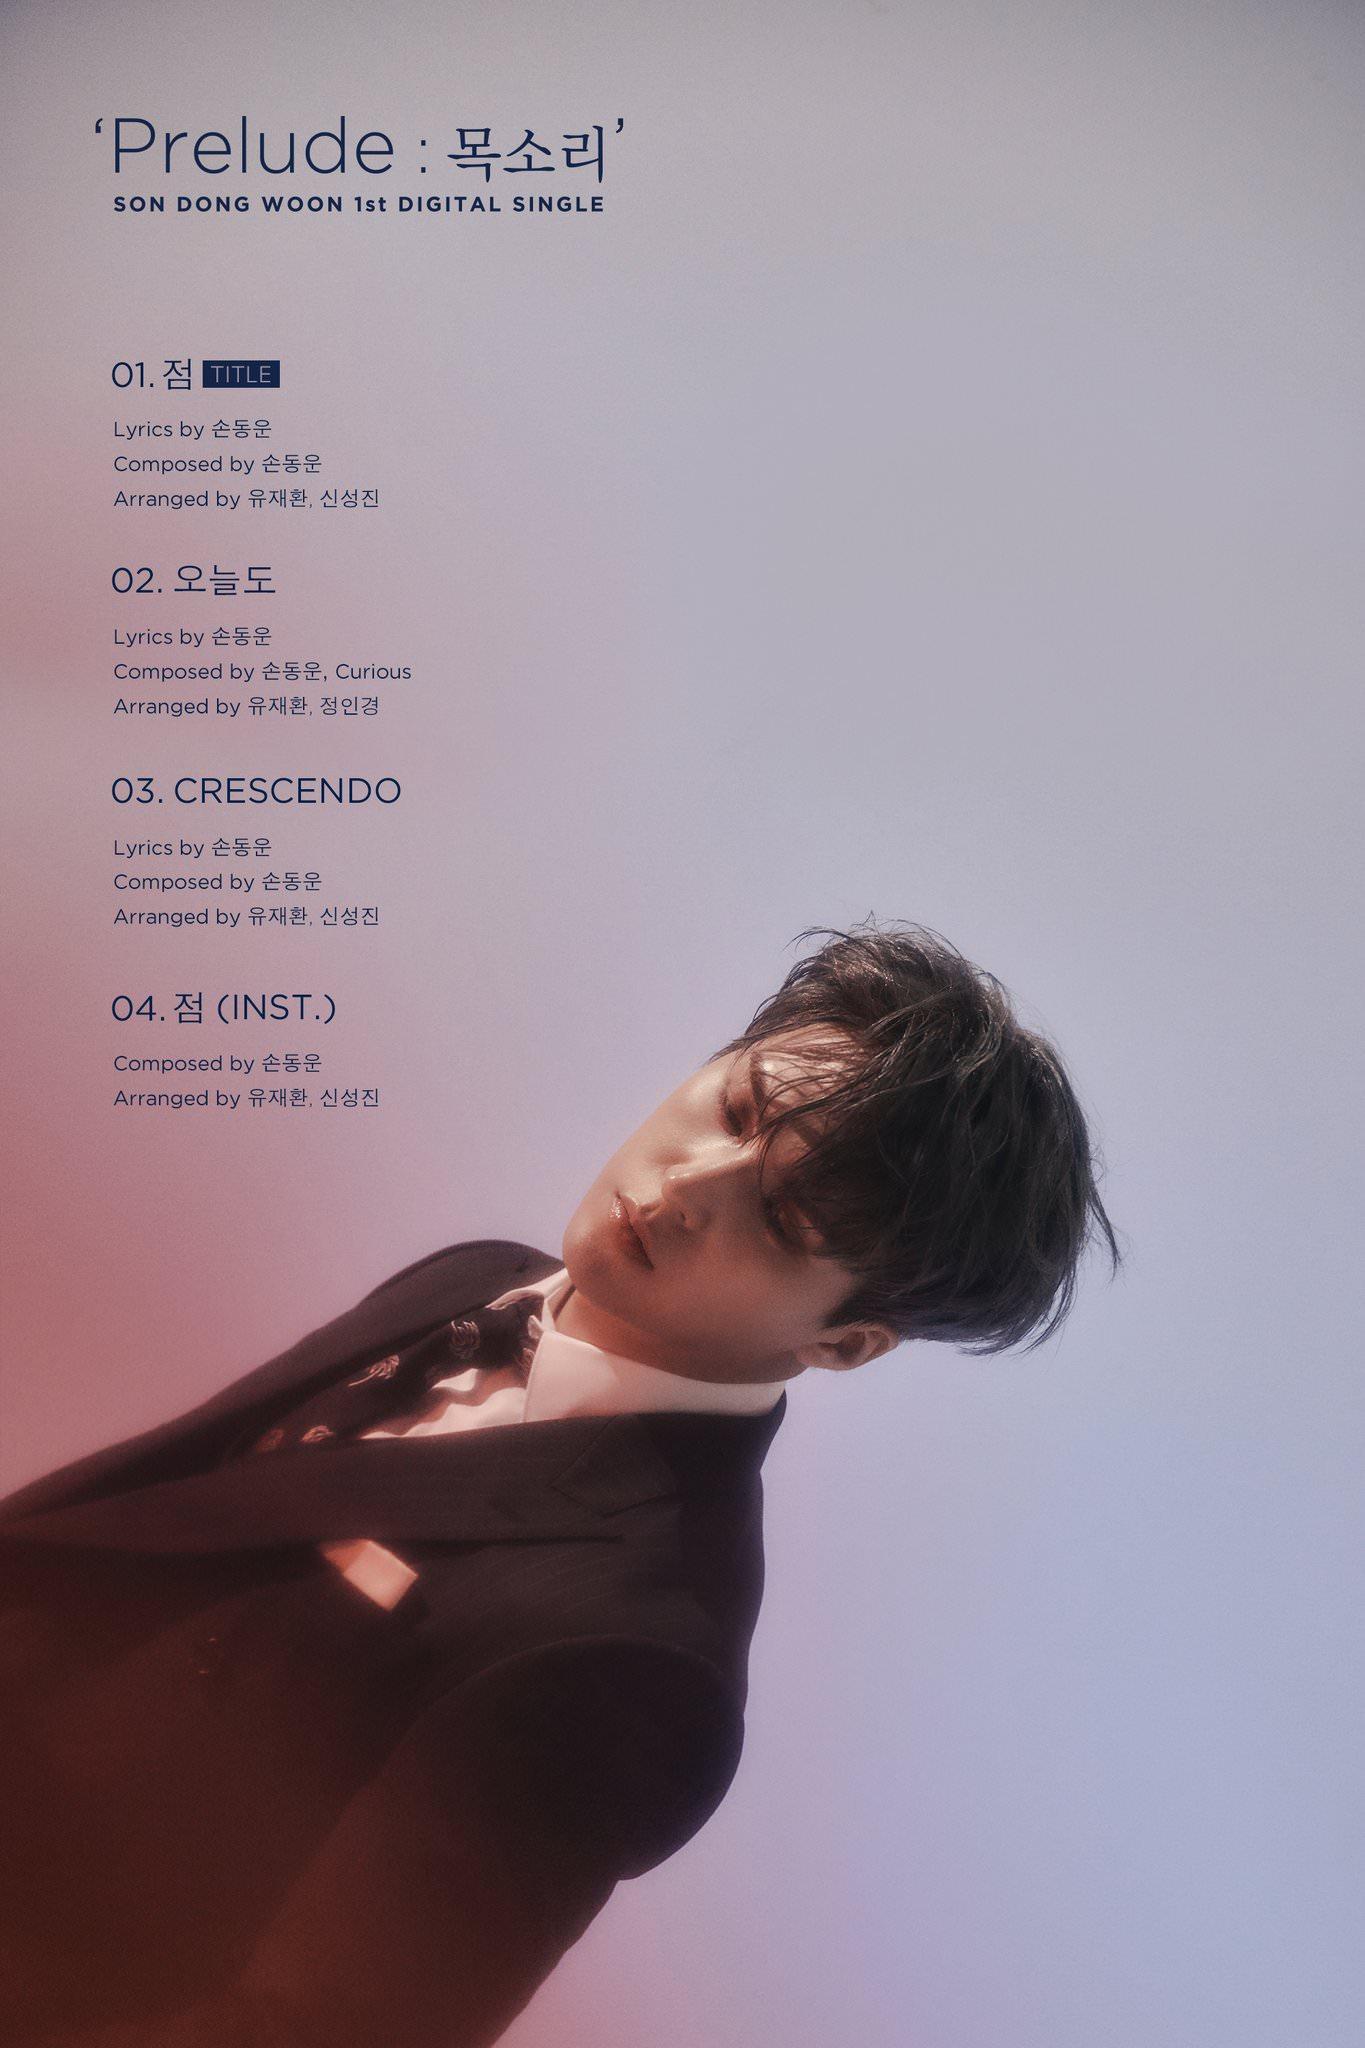 kabar-terbaru-son-dongwoon-foto-ganteng-untuk-single-solo-5